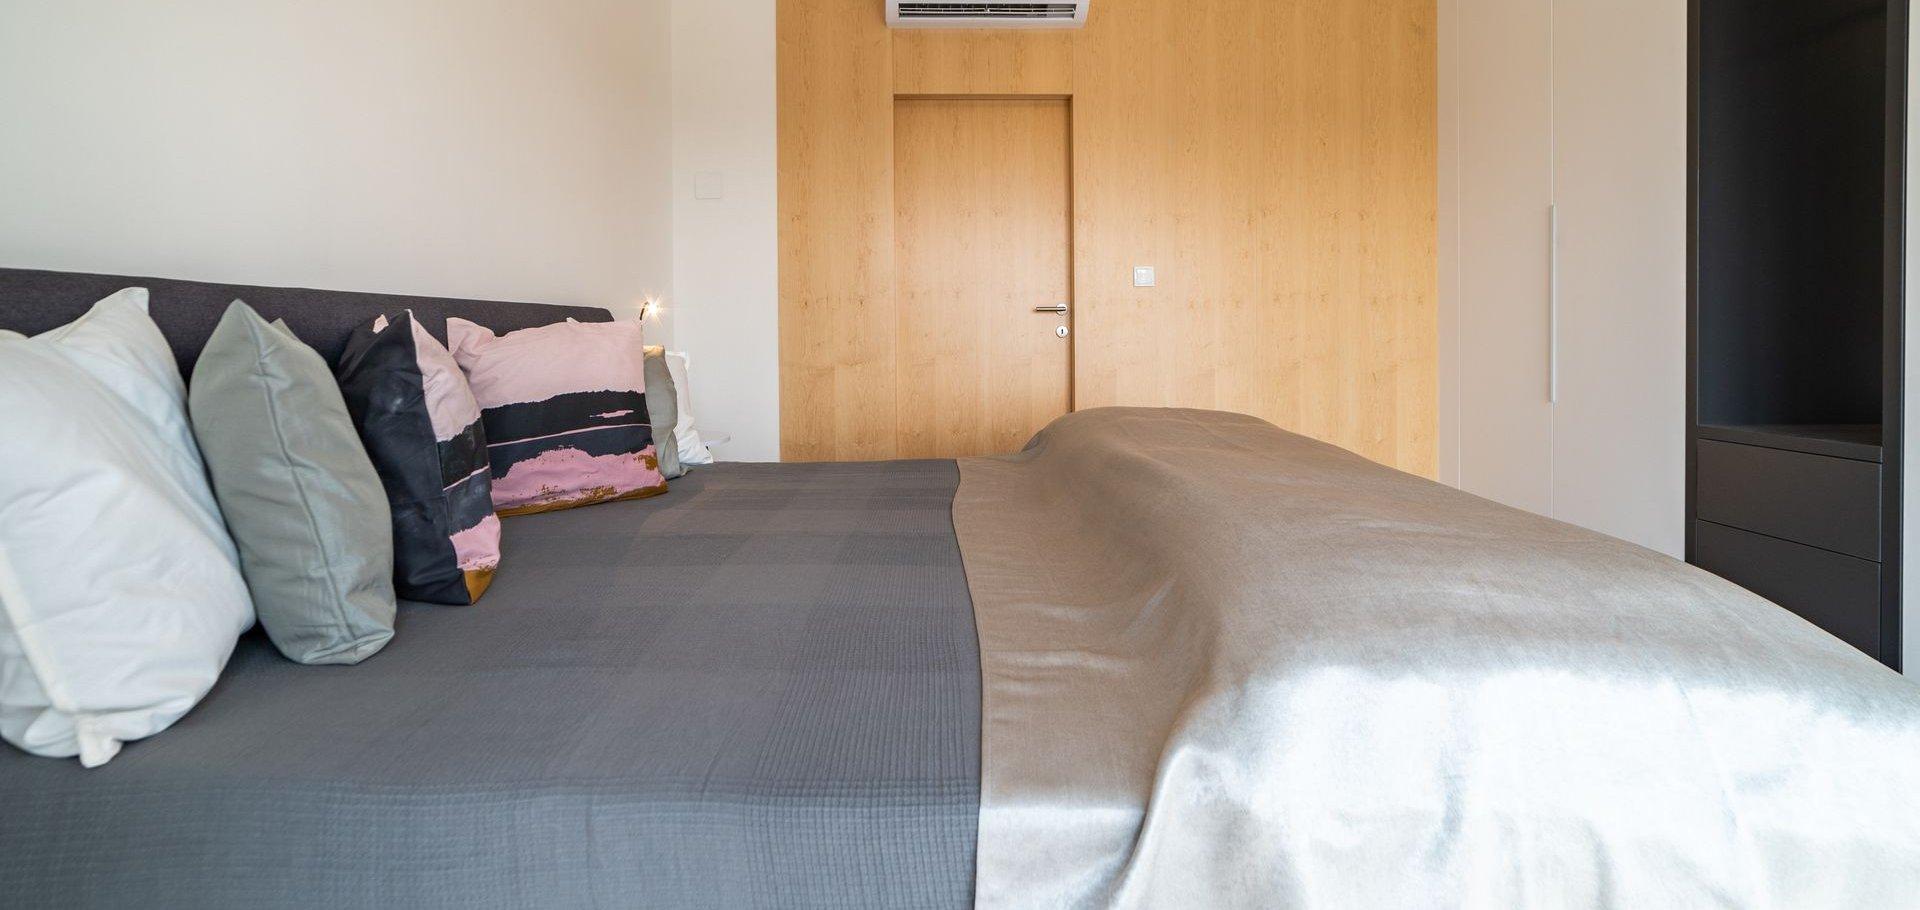 Pronájem mezonetového bytu 3+kk, 76m2 v centru Brna s výhledem na Špilberk